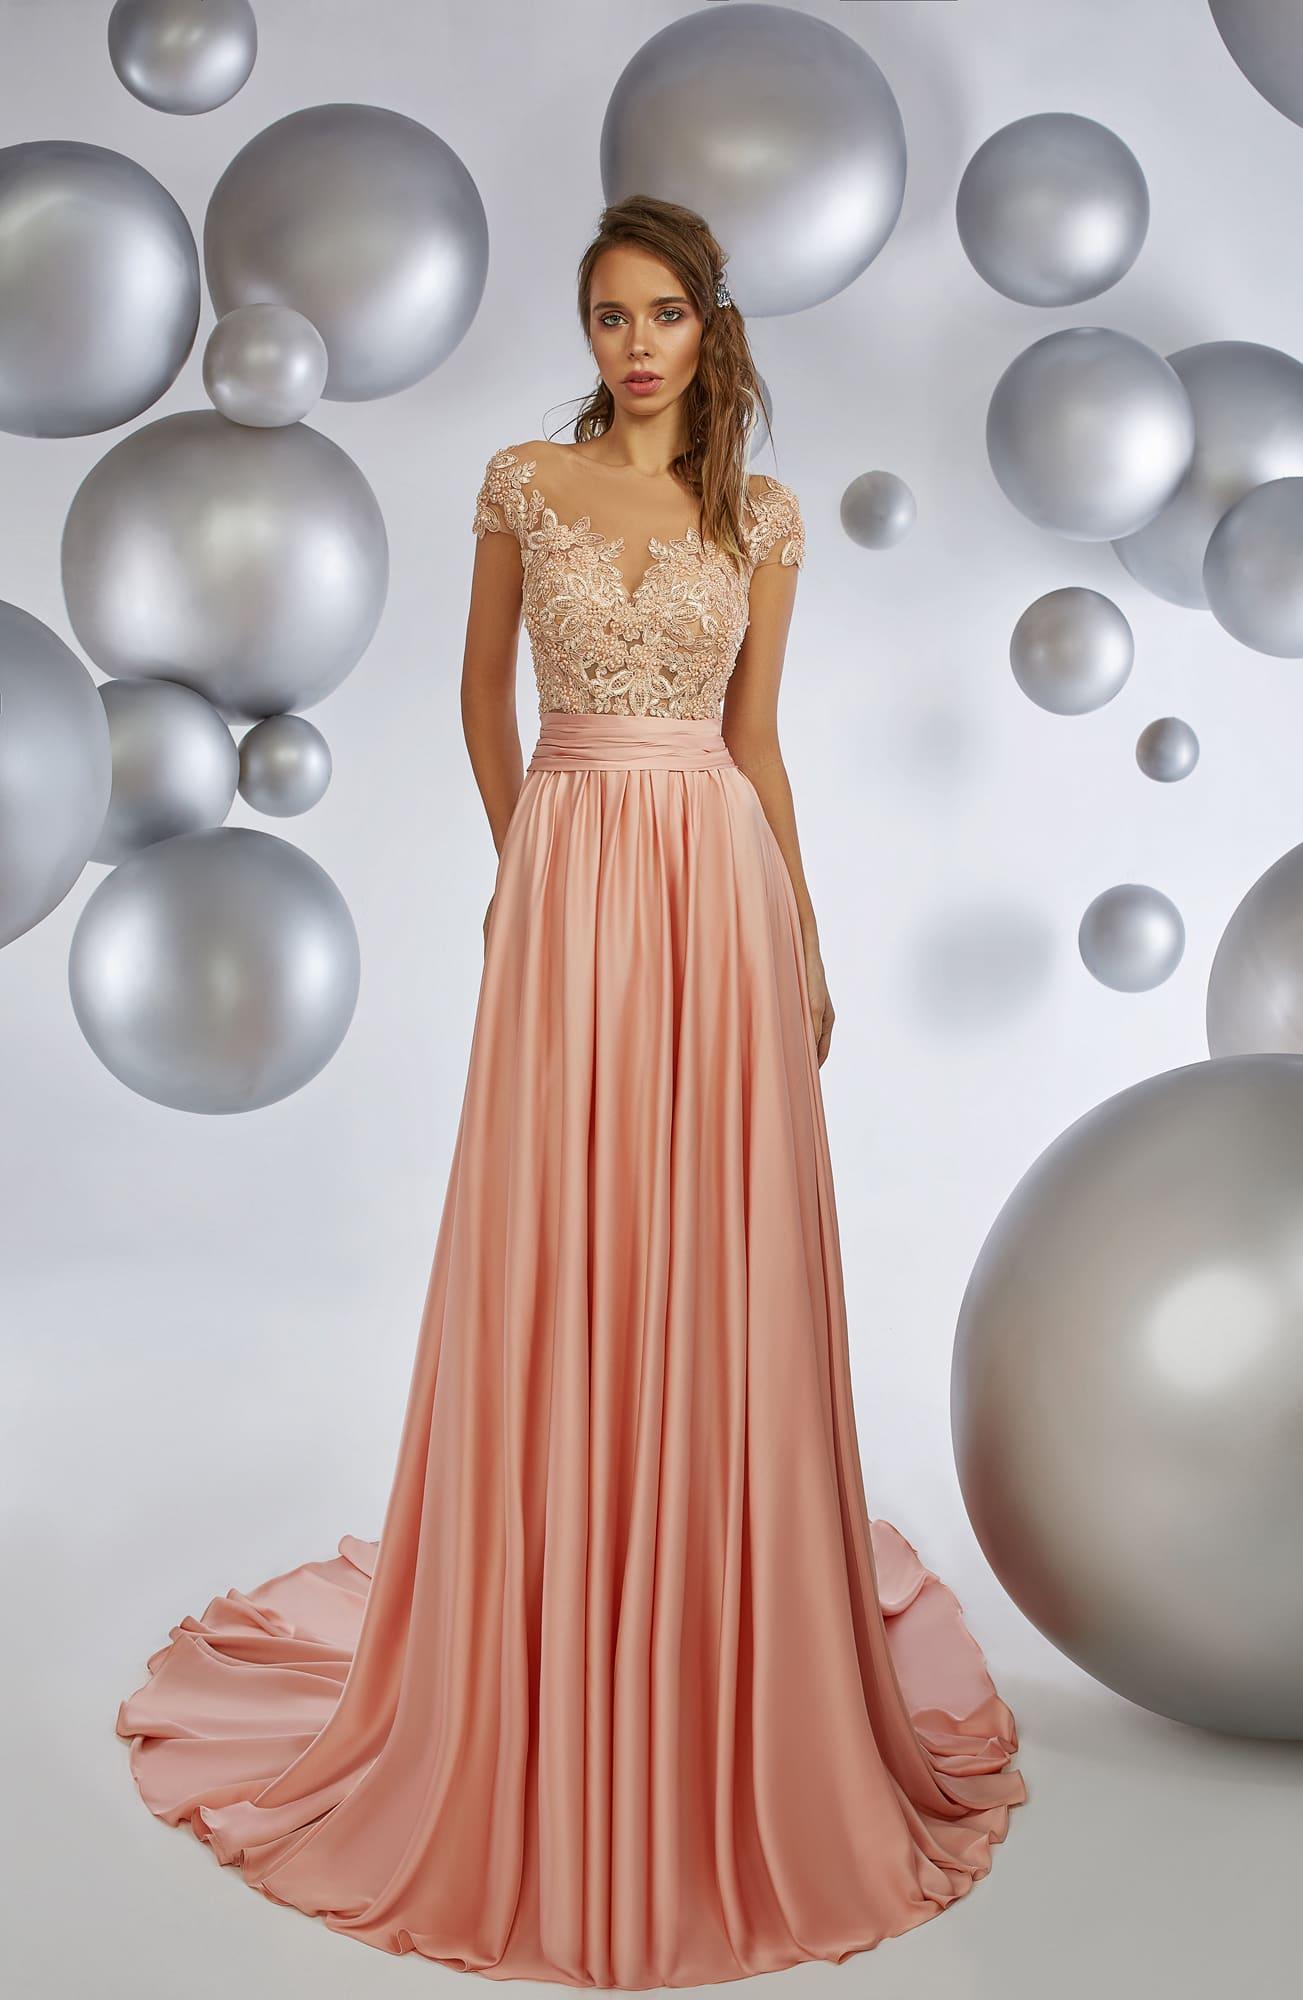 aeb54155155d61d Вечернее платье Armonia Tropical Peach ▷ Свадебный Торговый Центр ...